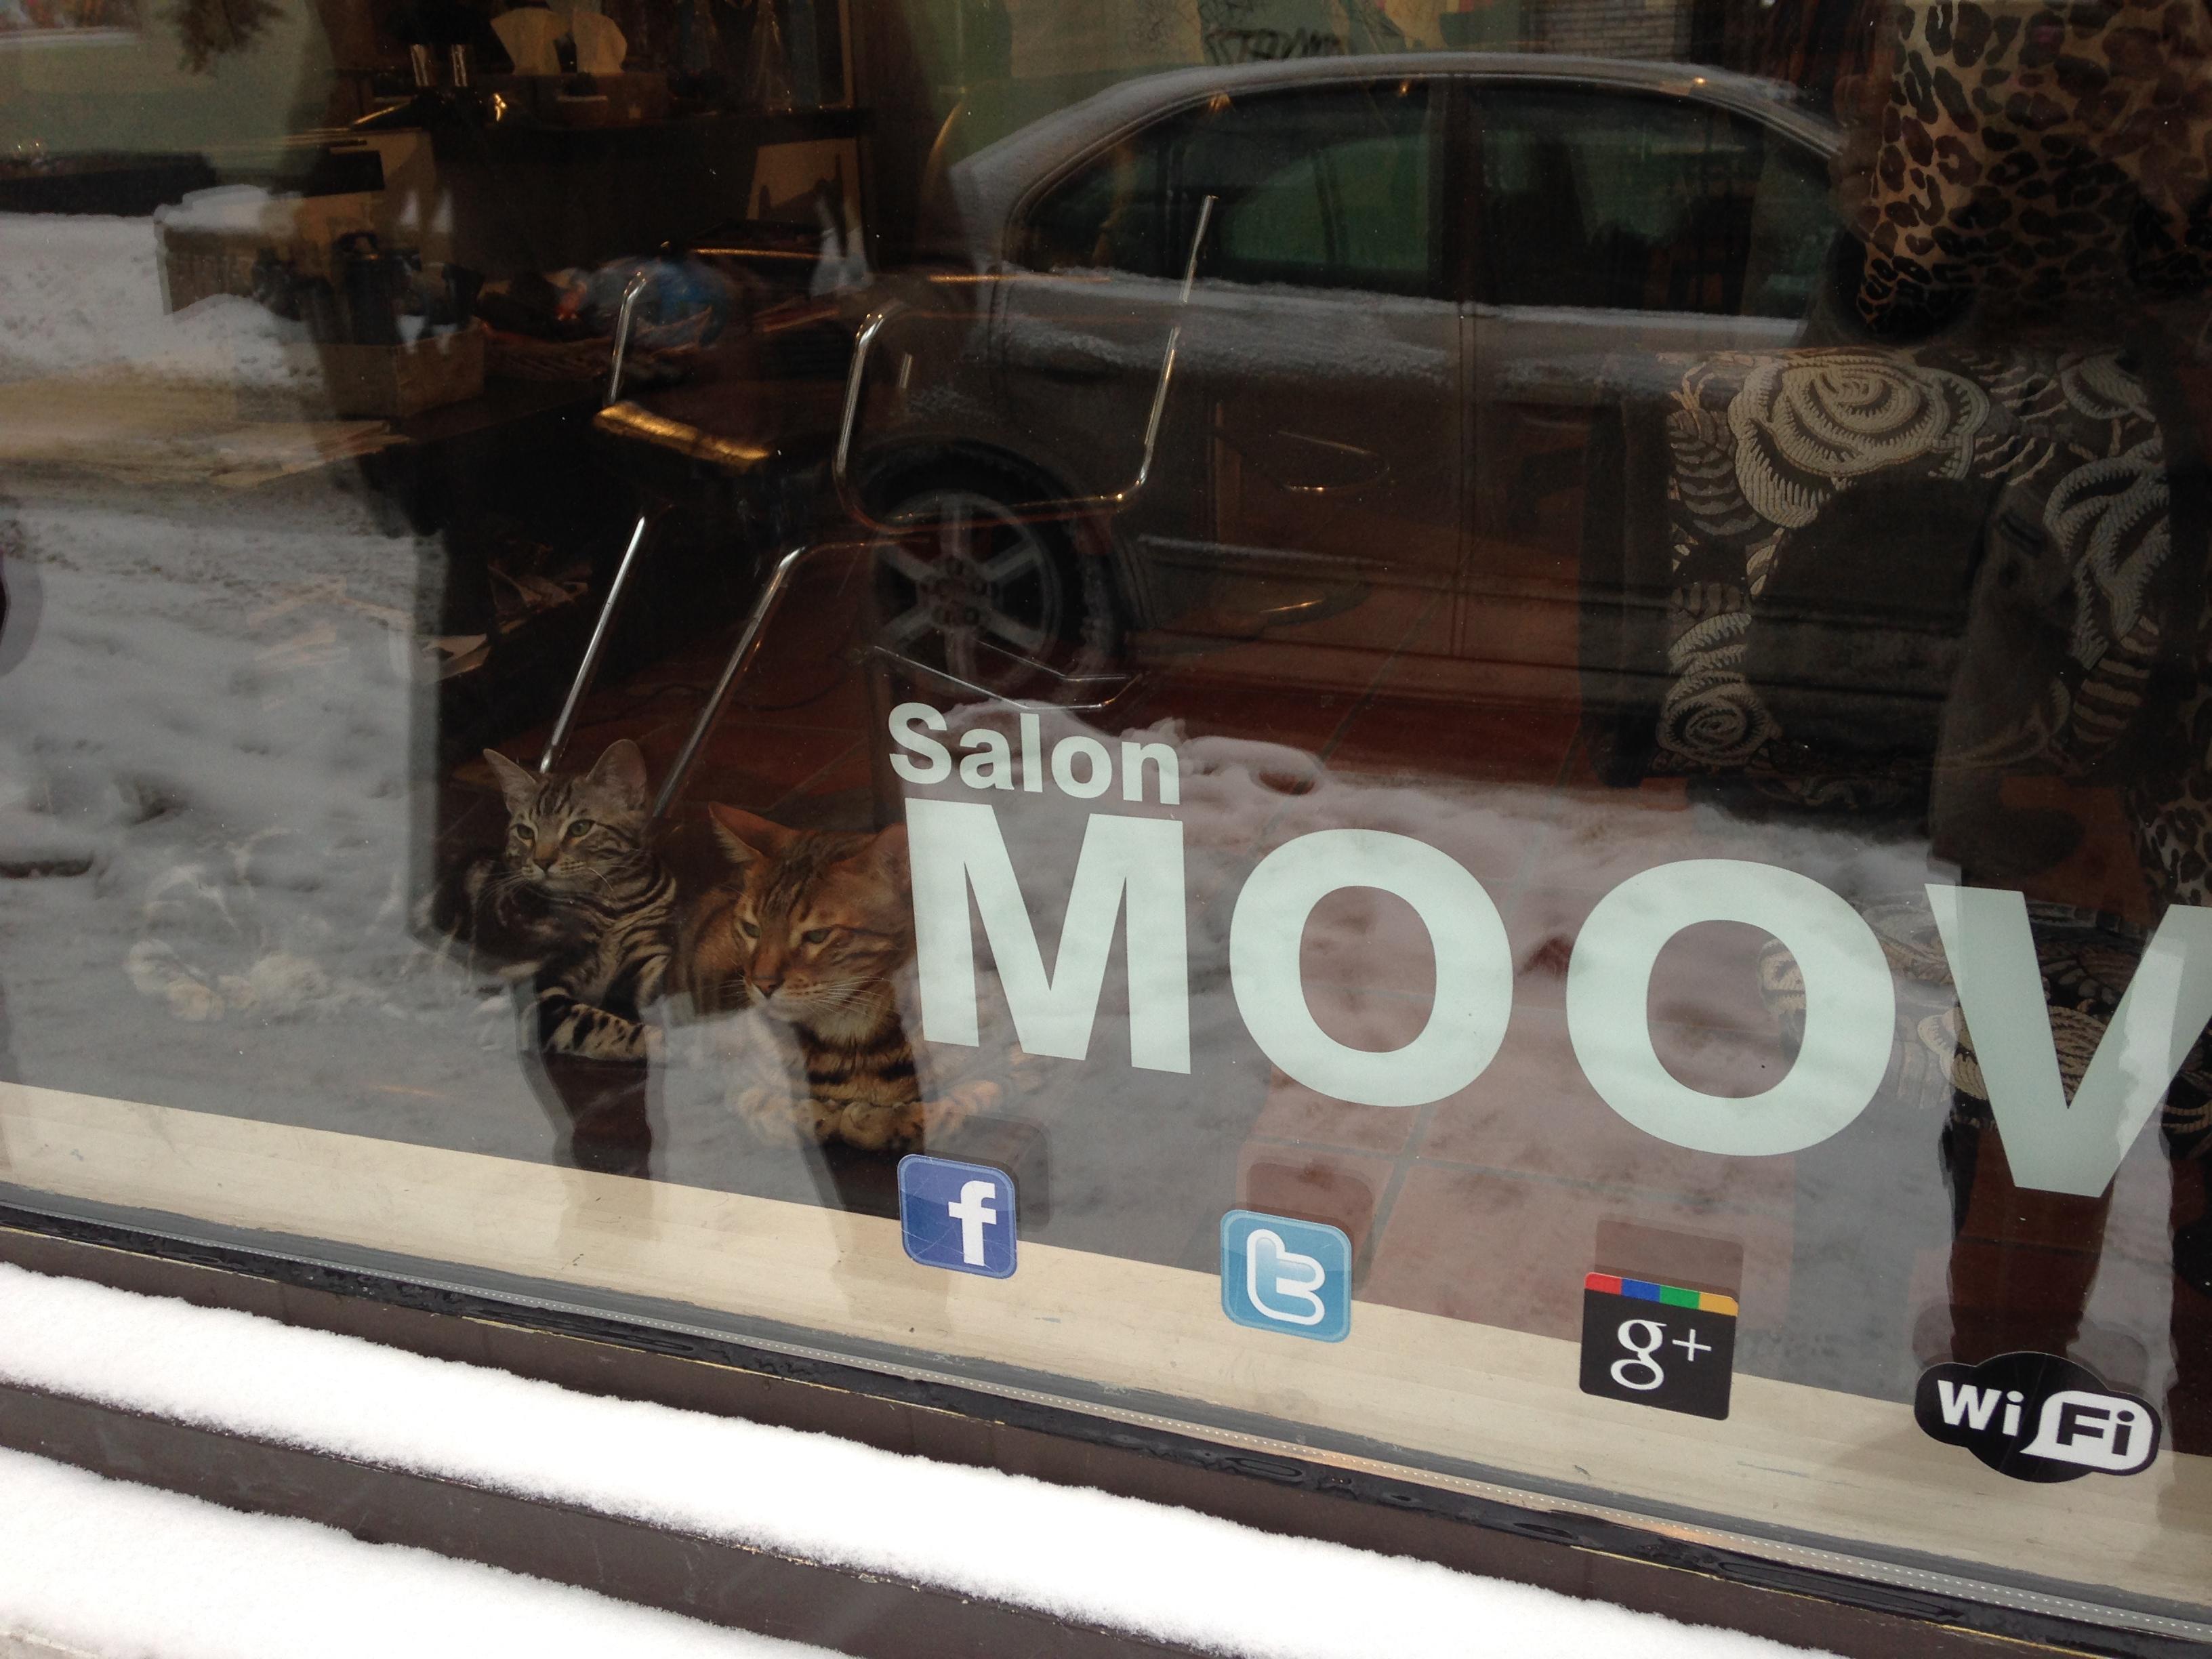 Moov un salon pas comme les autres for A le salon duluth mn